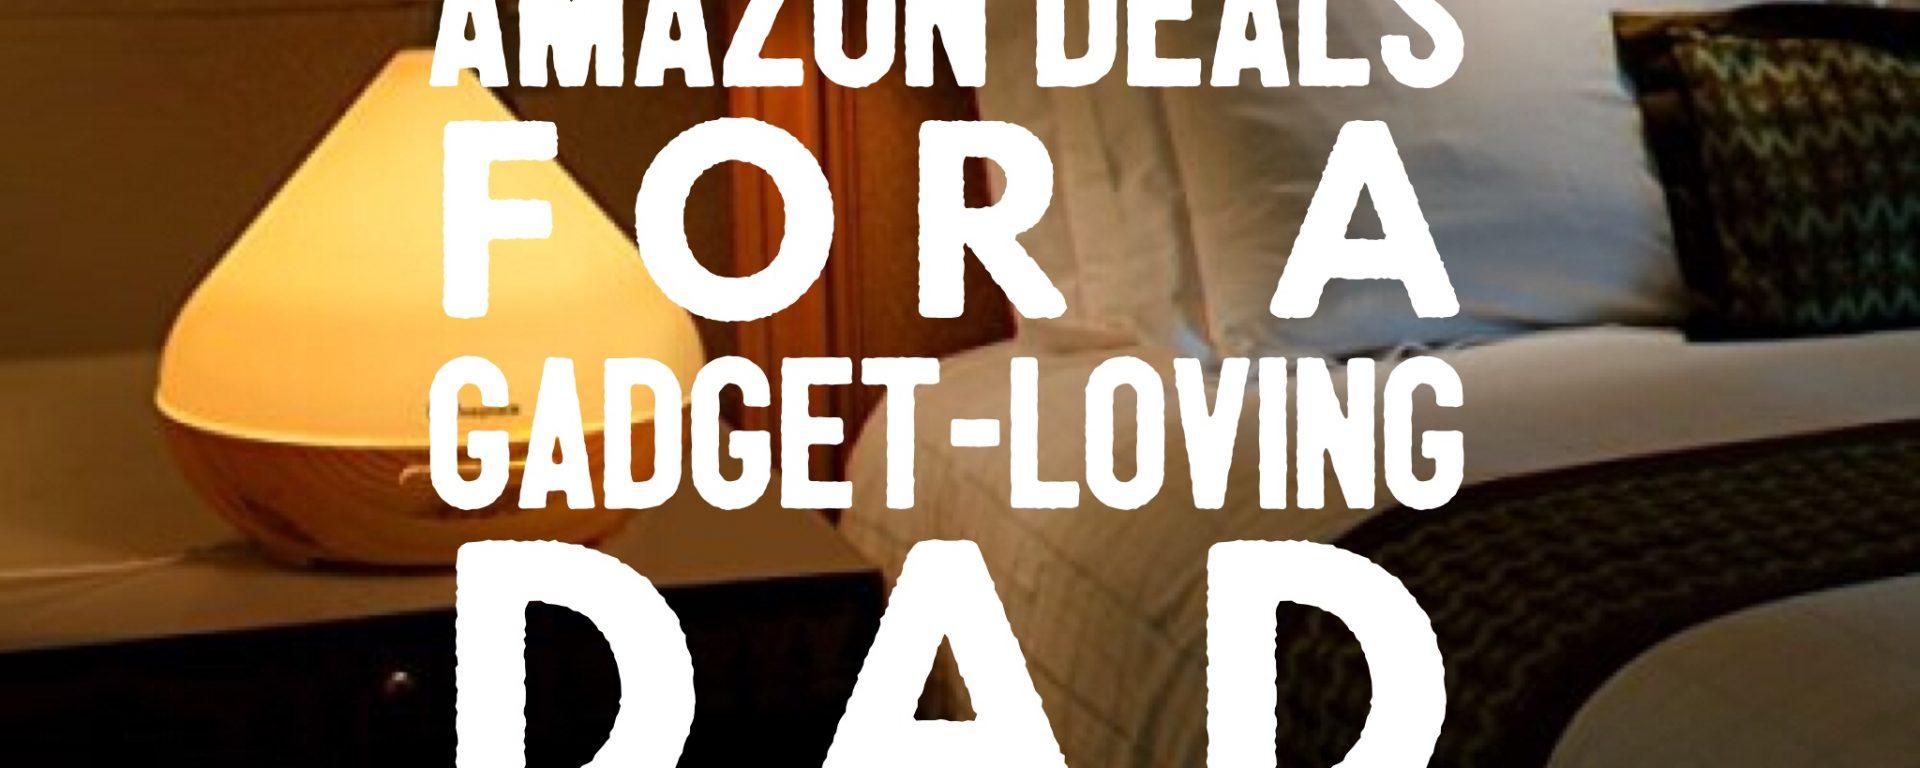 5 amazon deals, amazon deals, gadget-loving, gadger lover, dad, father, son, brother, present ideas, amazon.com, discount, dad, dadblog, socialdad, socialdad.ca